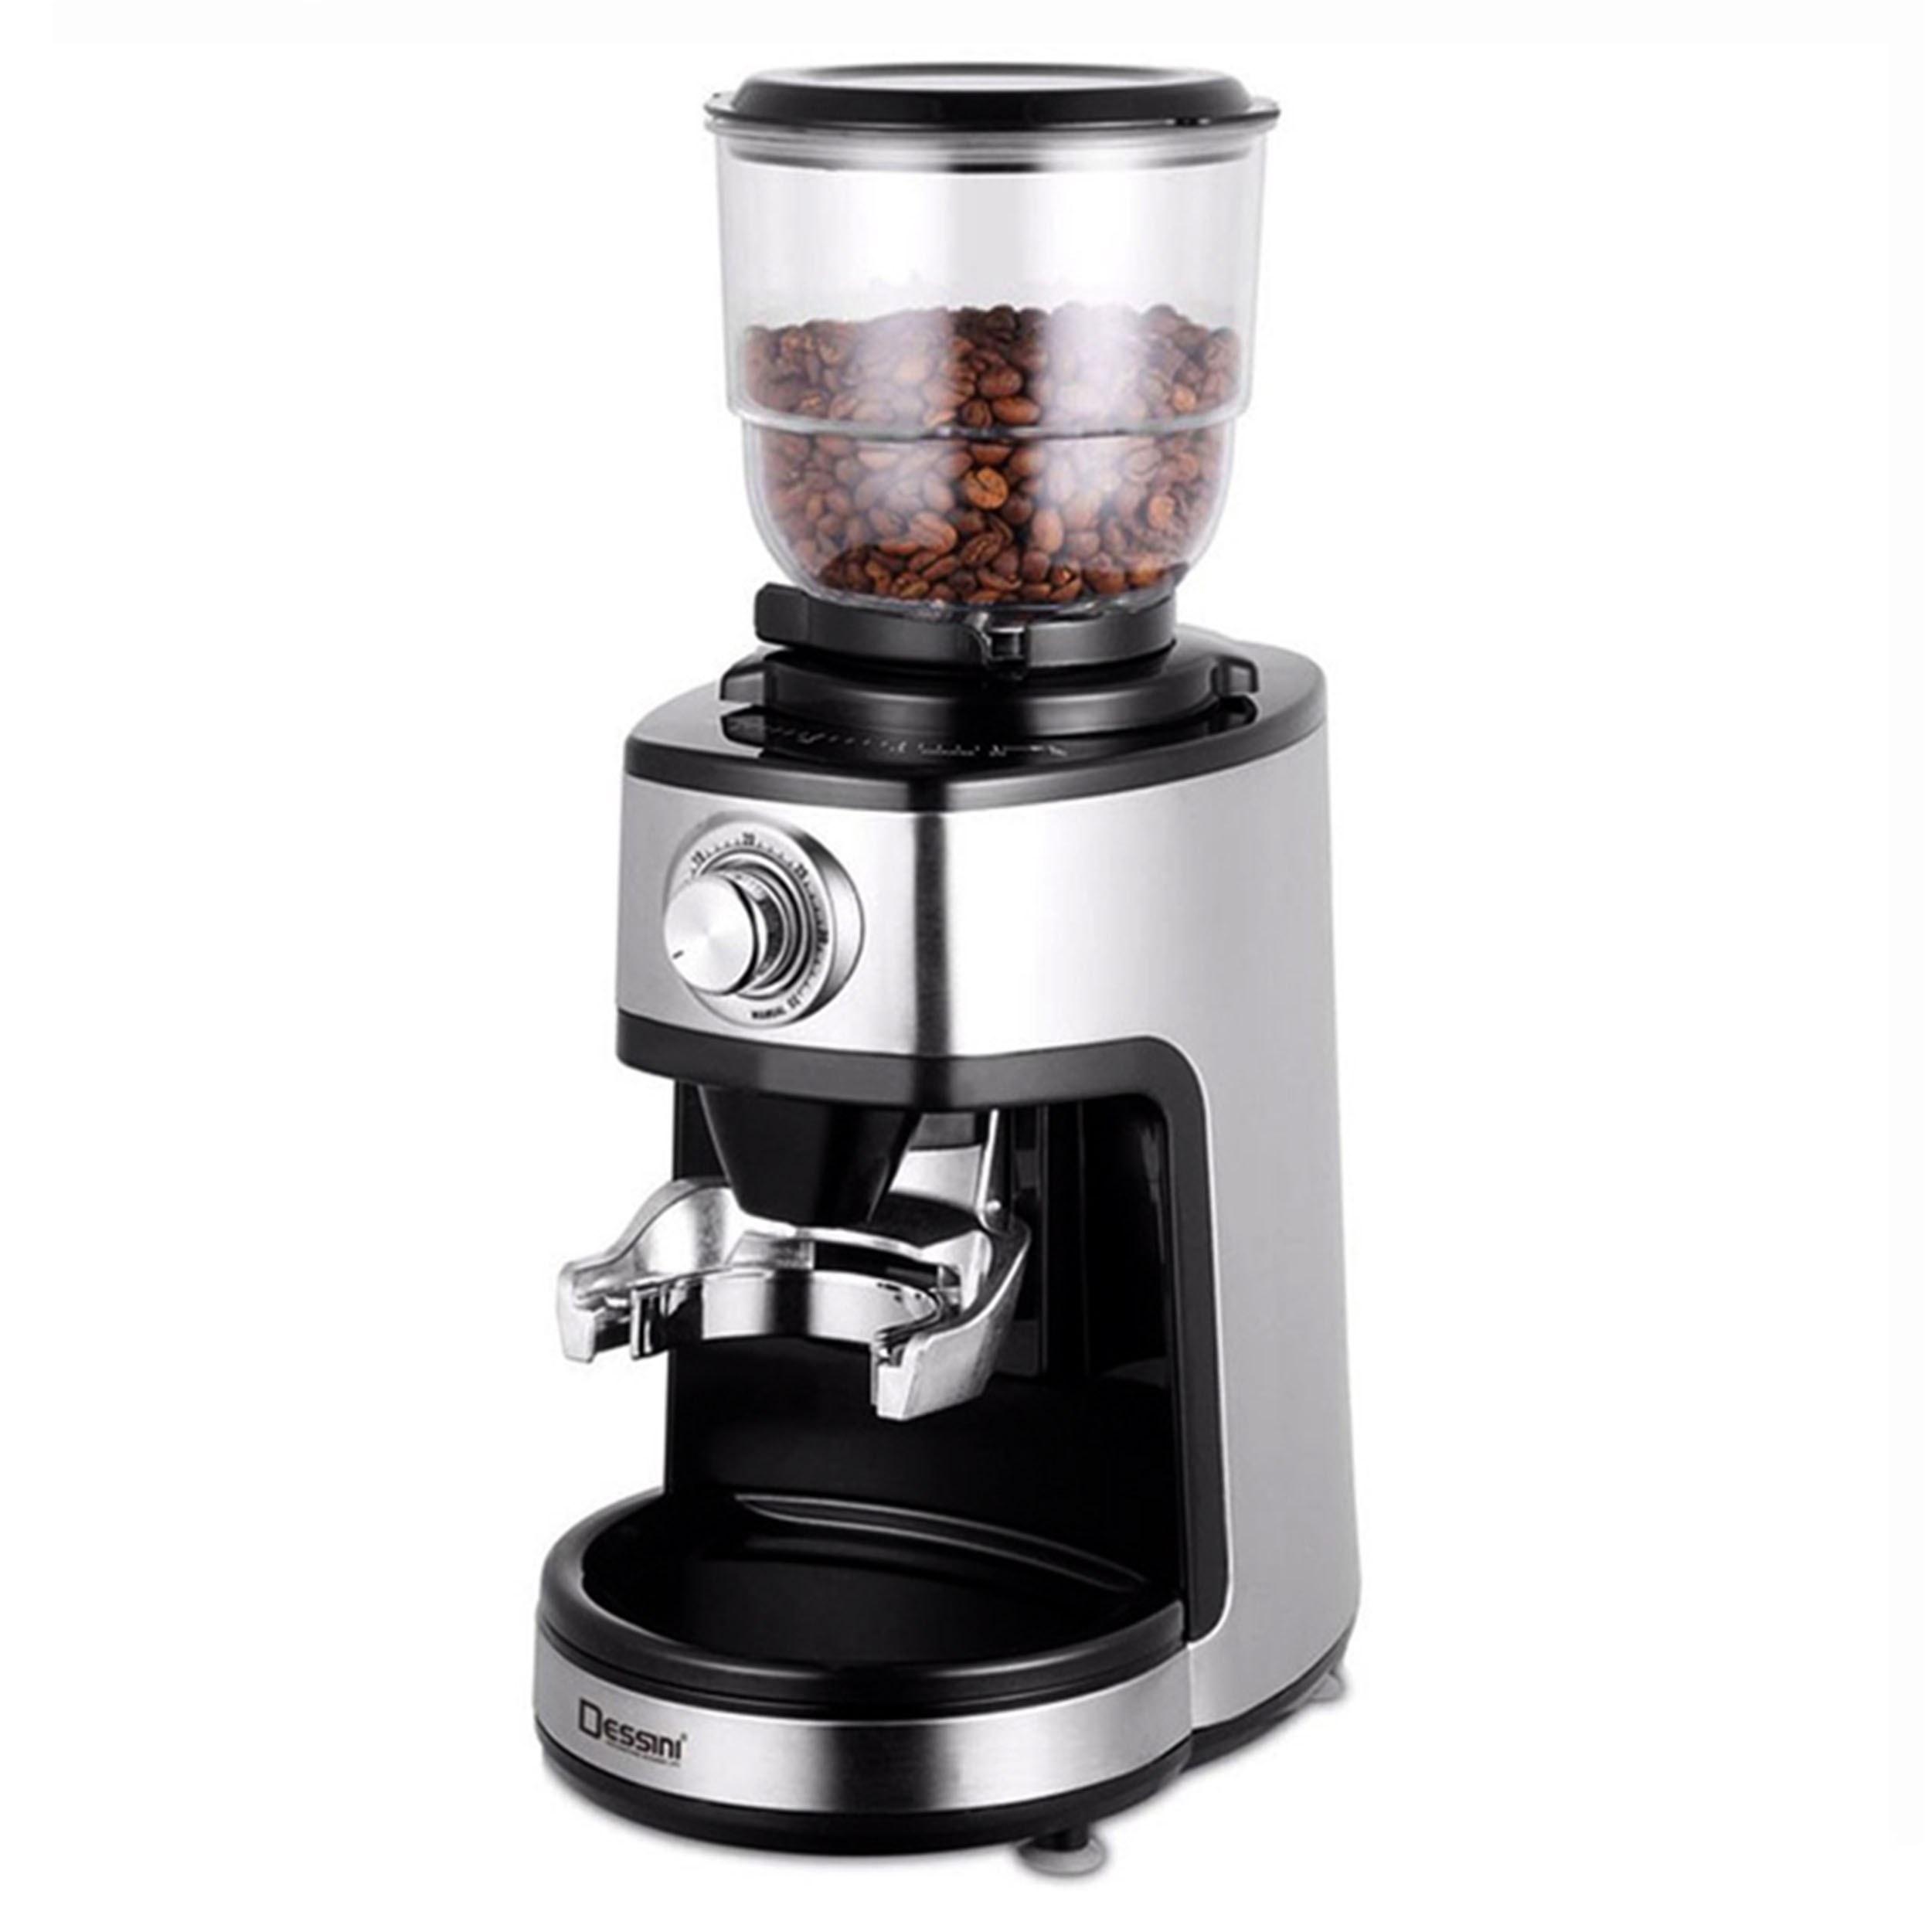 تصویر آسیاب قهوه دسینی مدل 5050